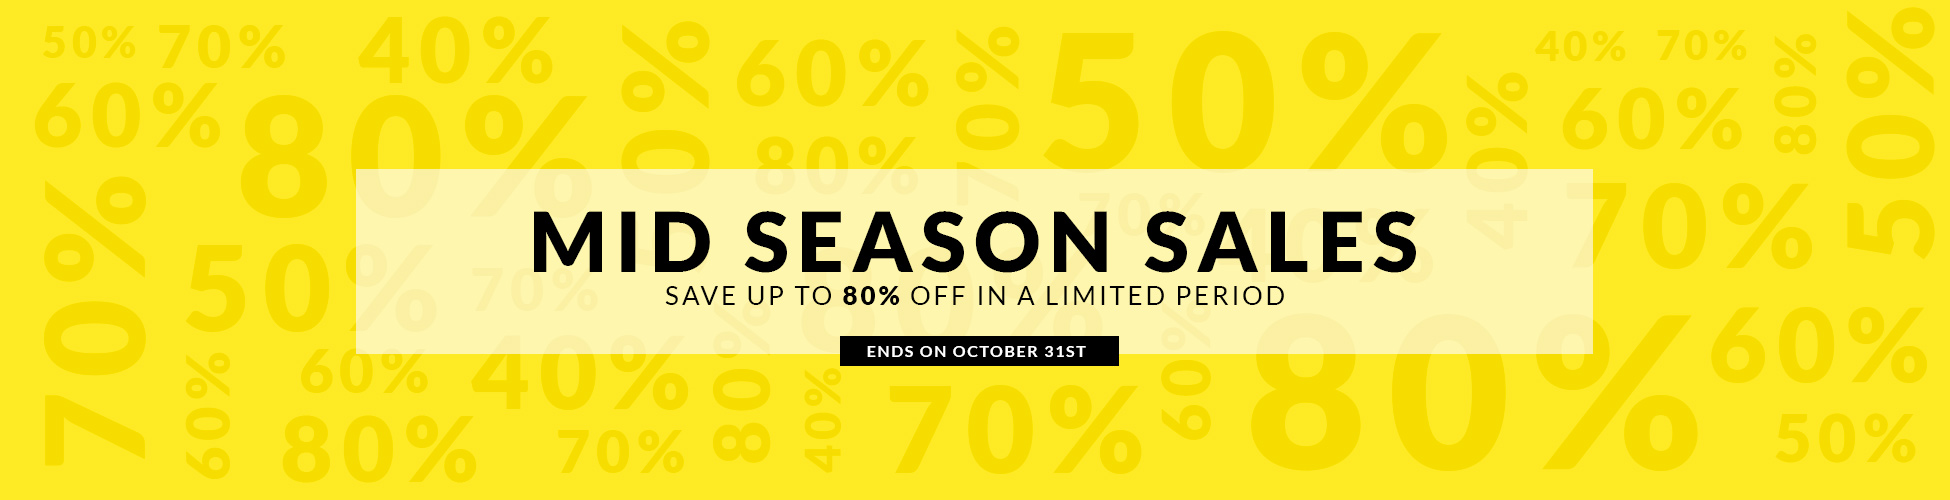 Mis Sesion Sales EN